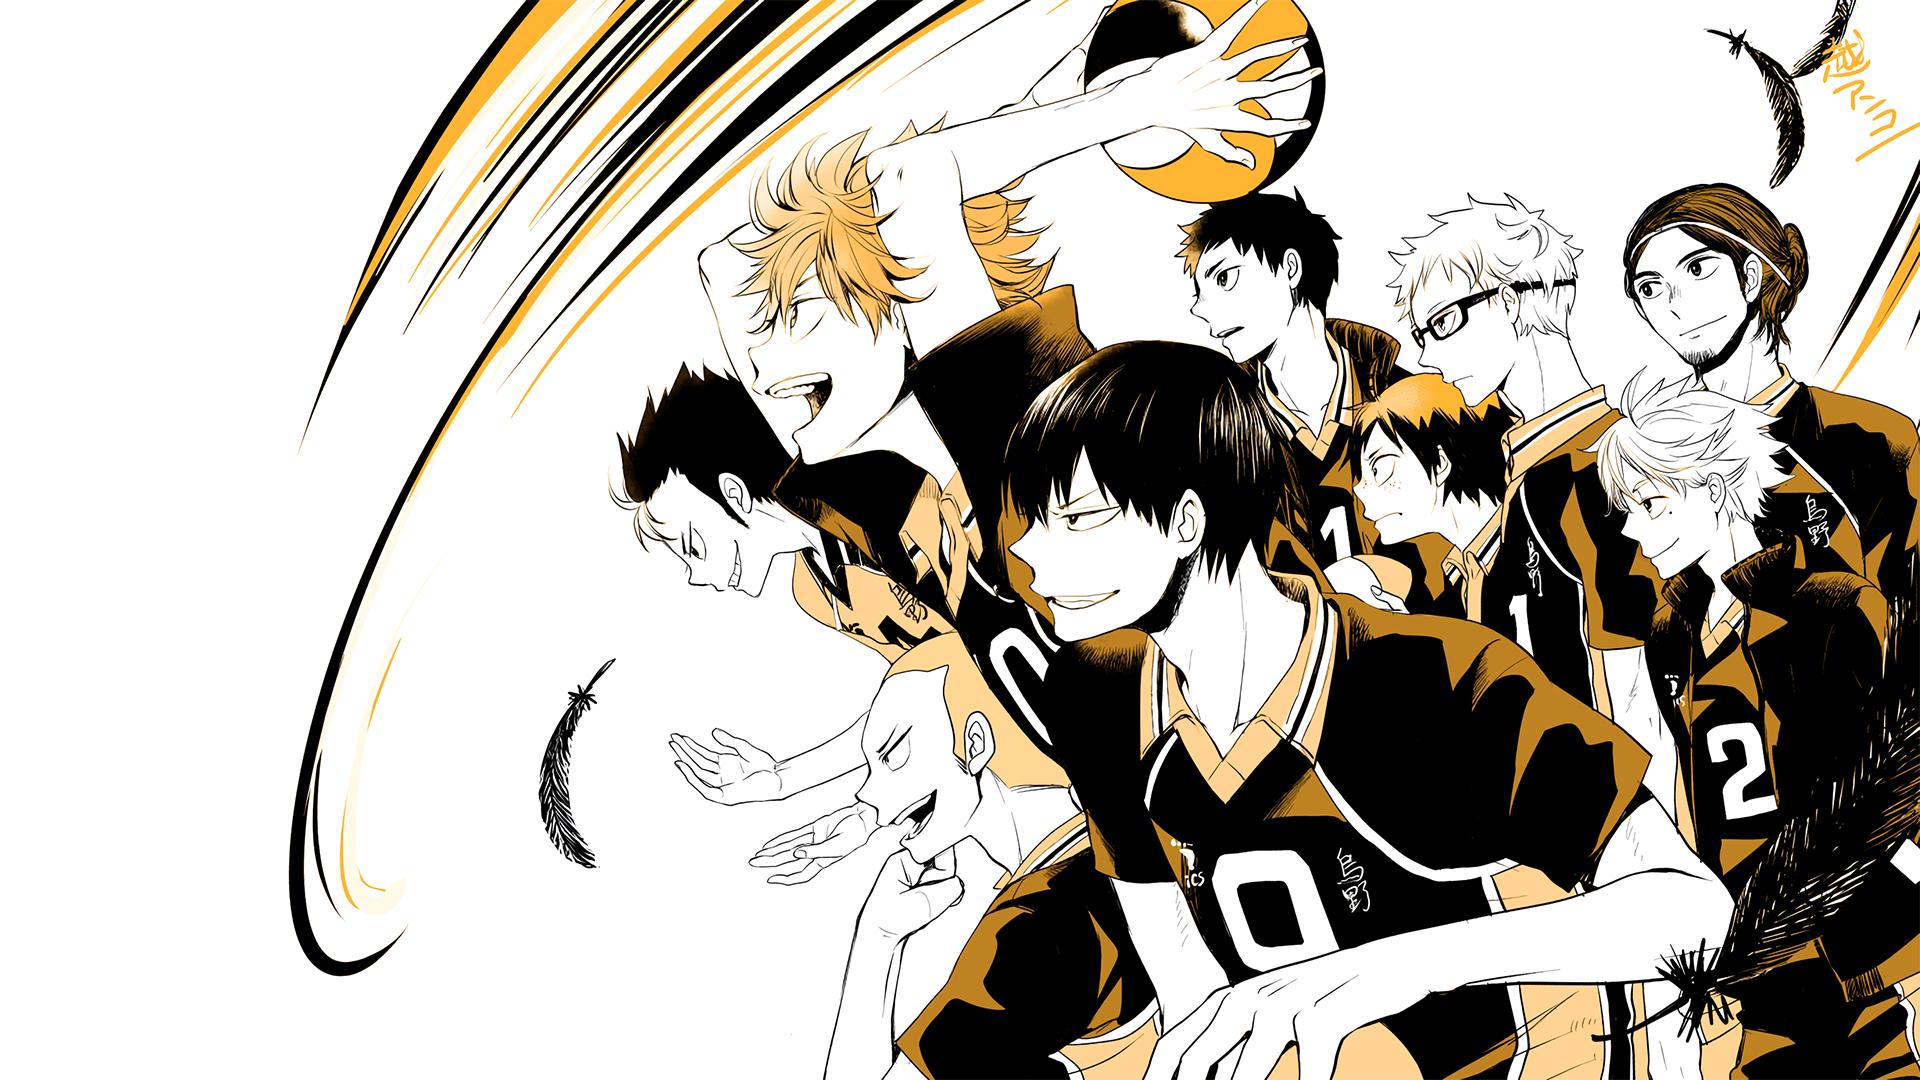 Best Anime Haikyuu Wallpaper HD Wallpaper HAIKYUU